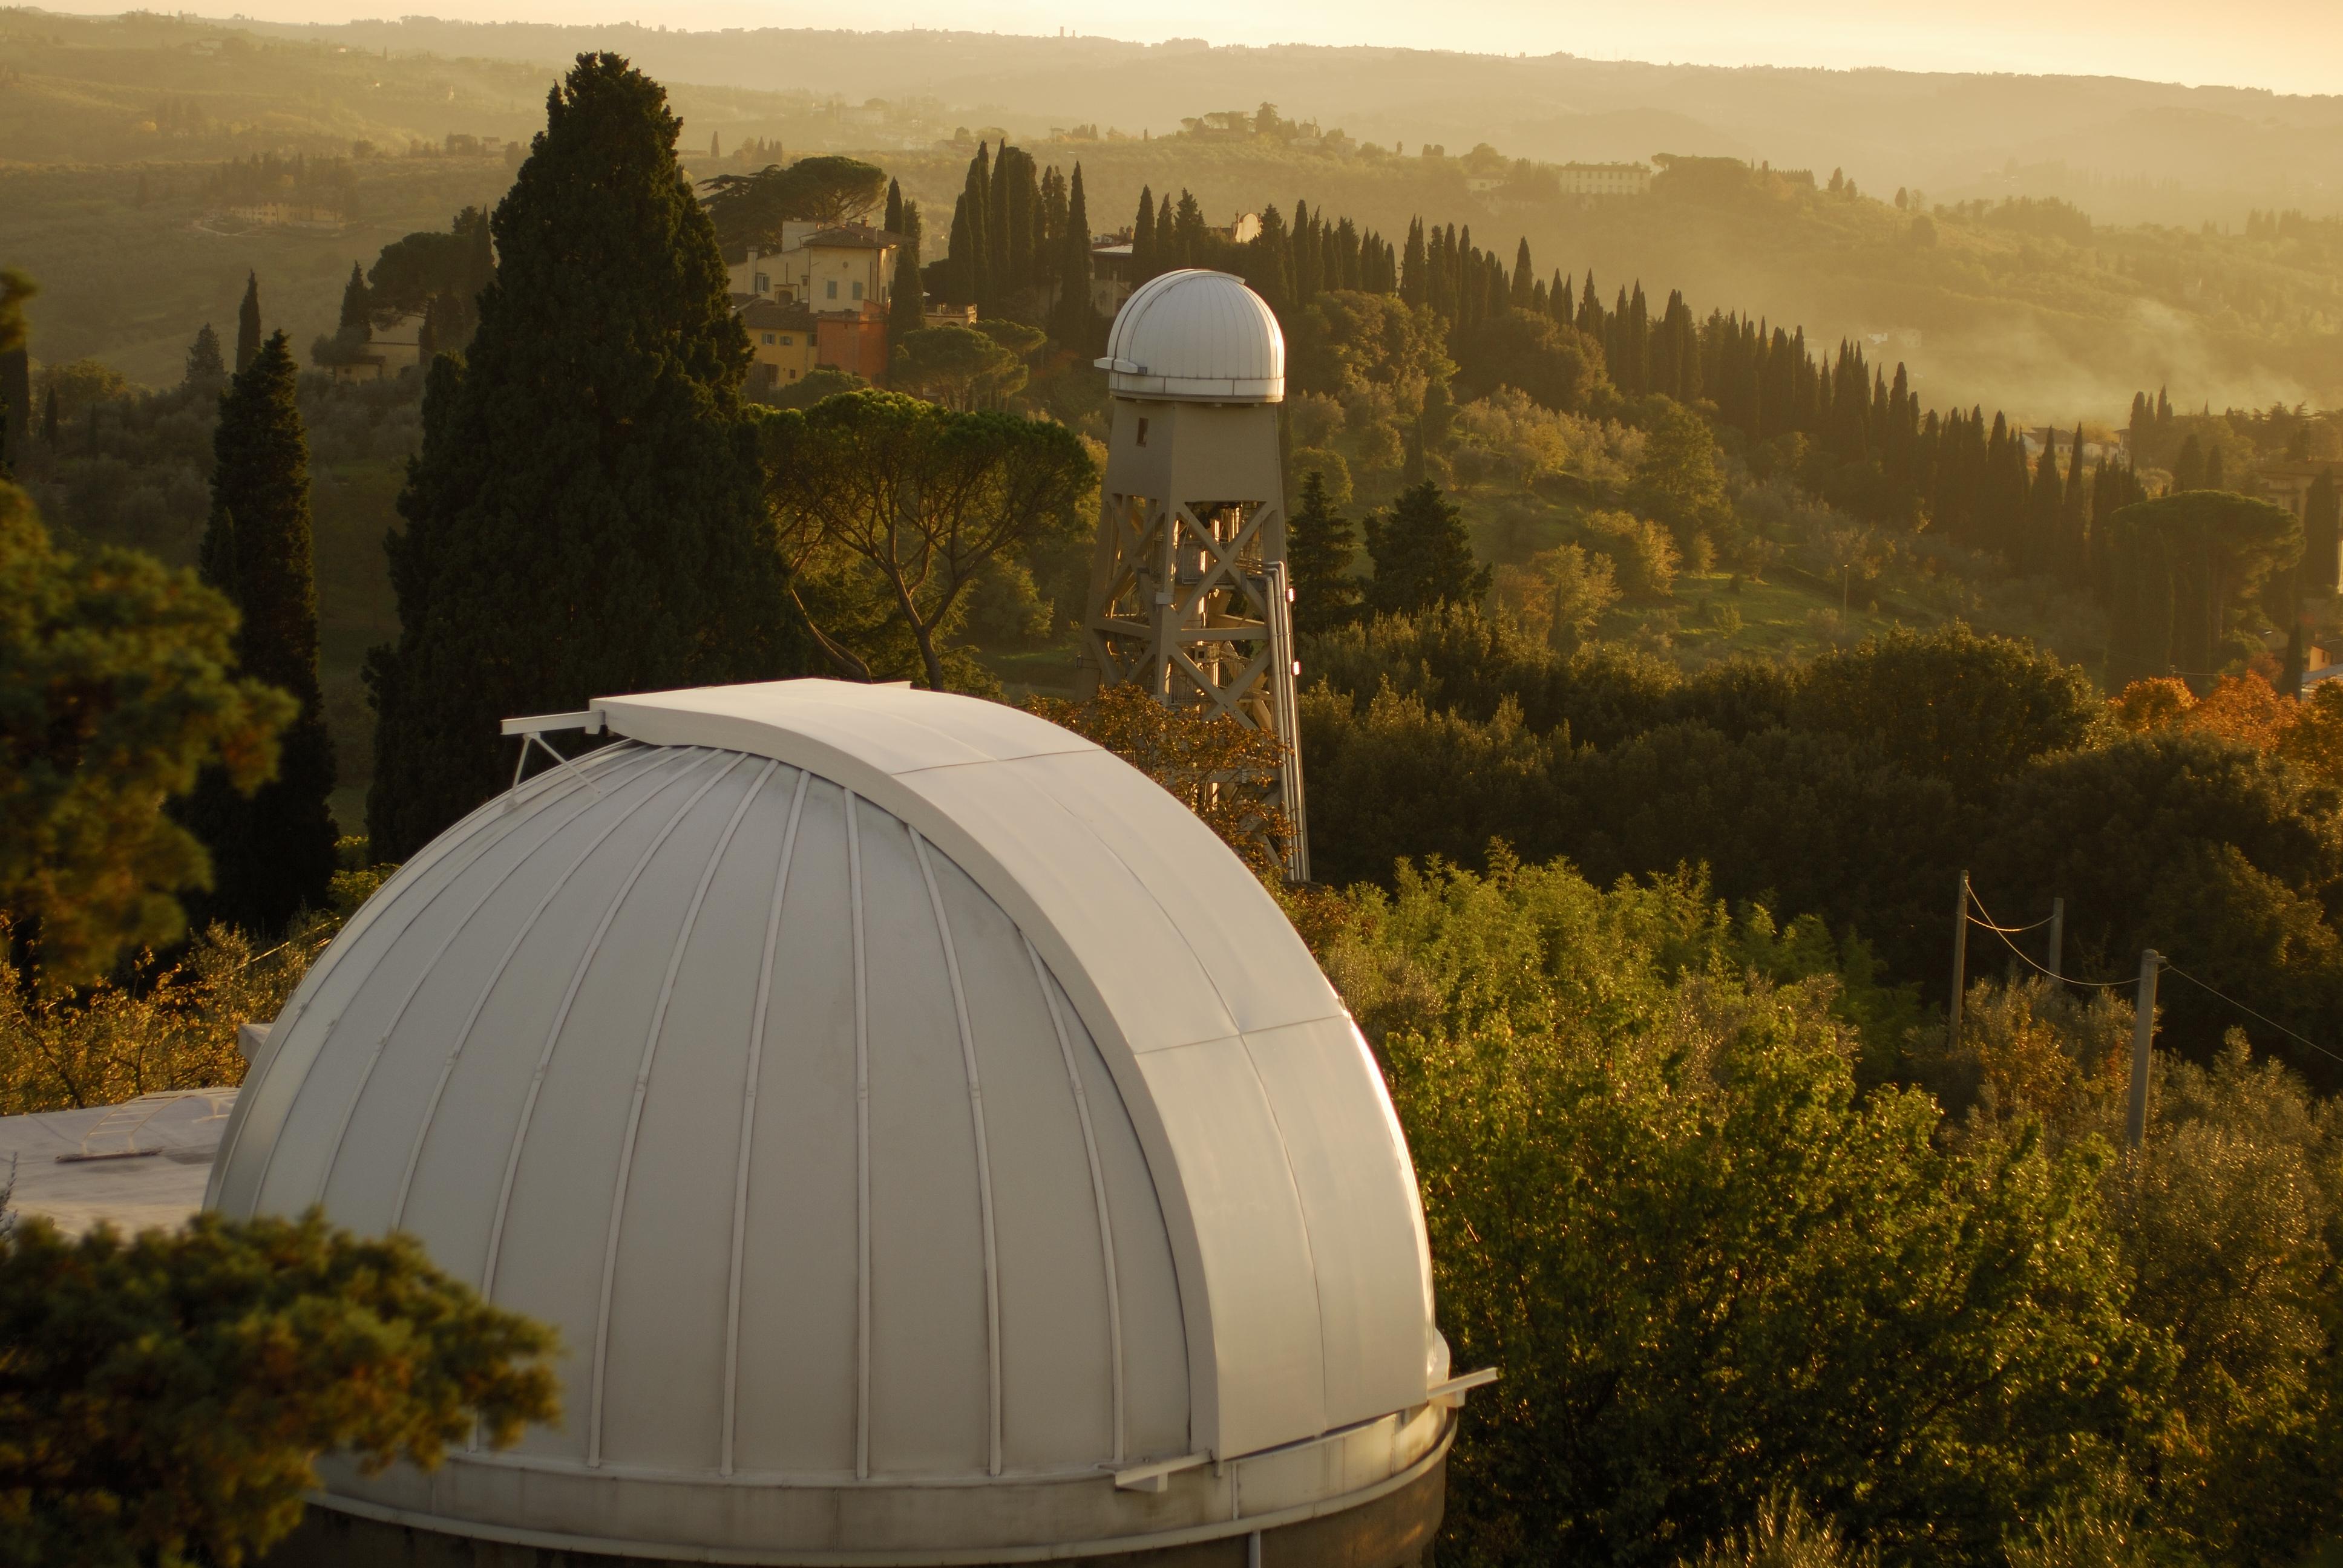 Festa ad Arcetri per i 150 anni dell'Osservatorio